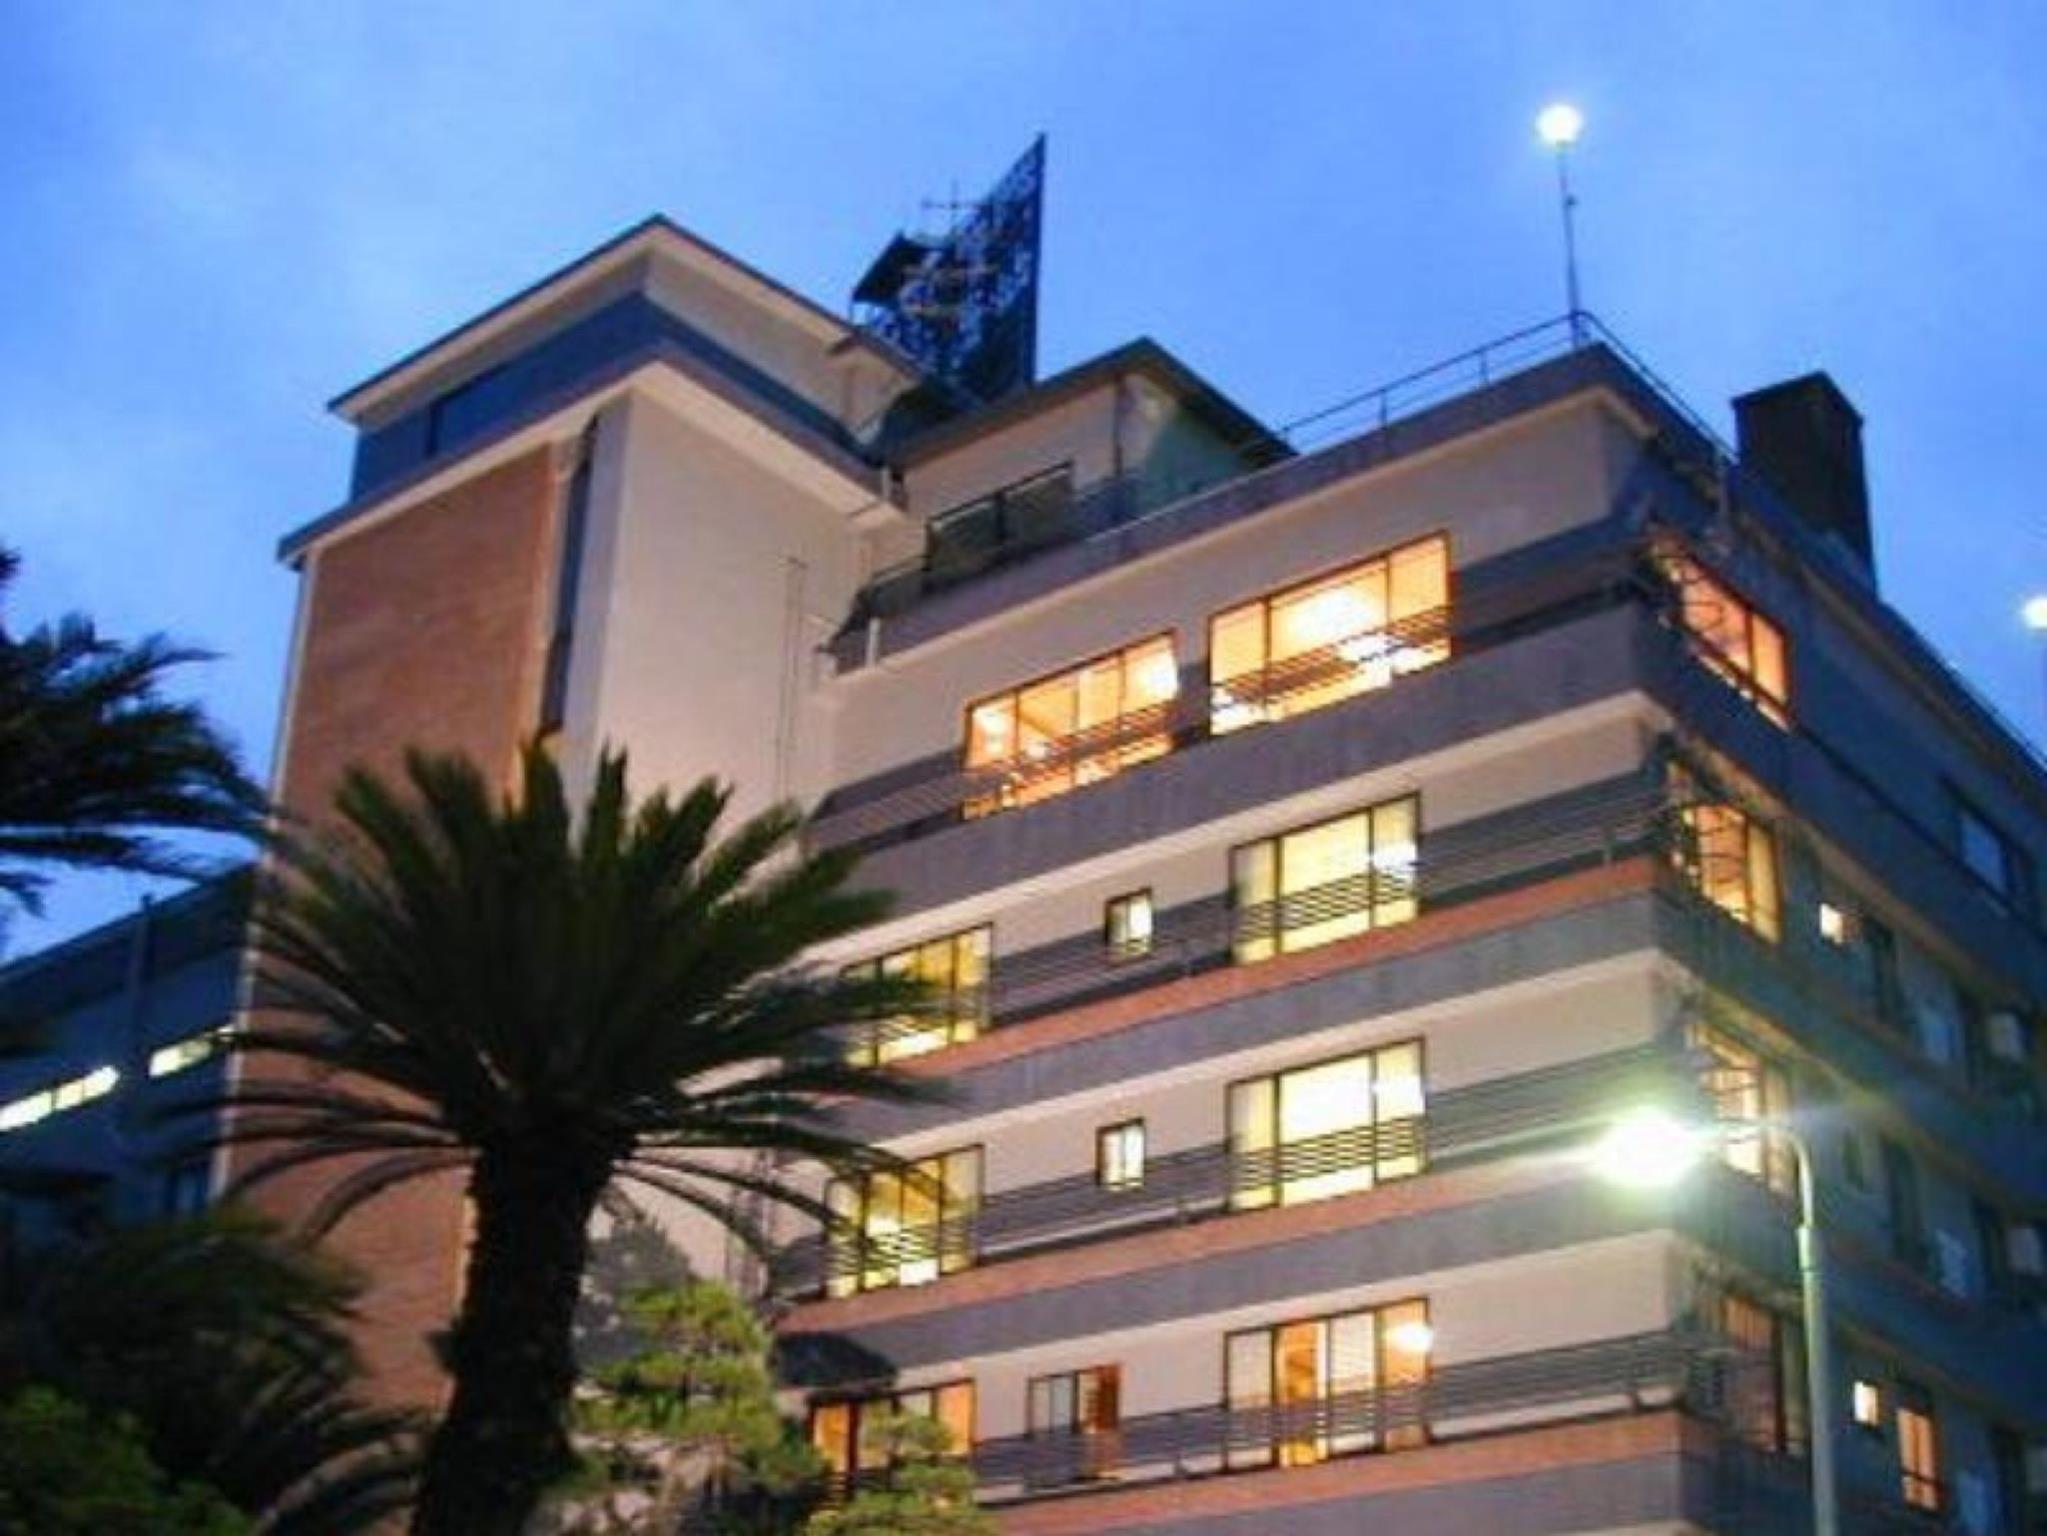 HOTEL ZUIYO Of YUGAWARA